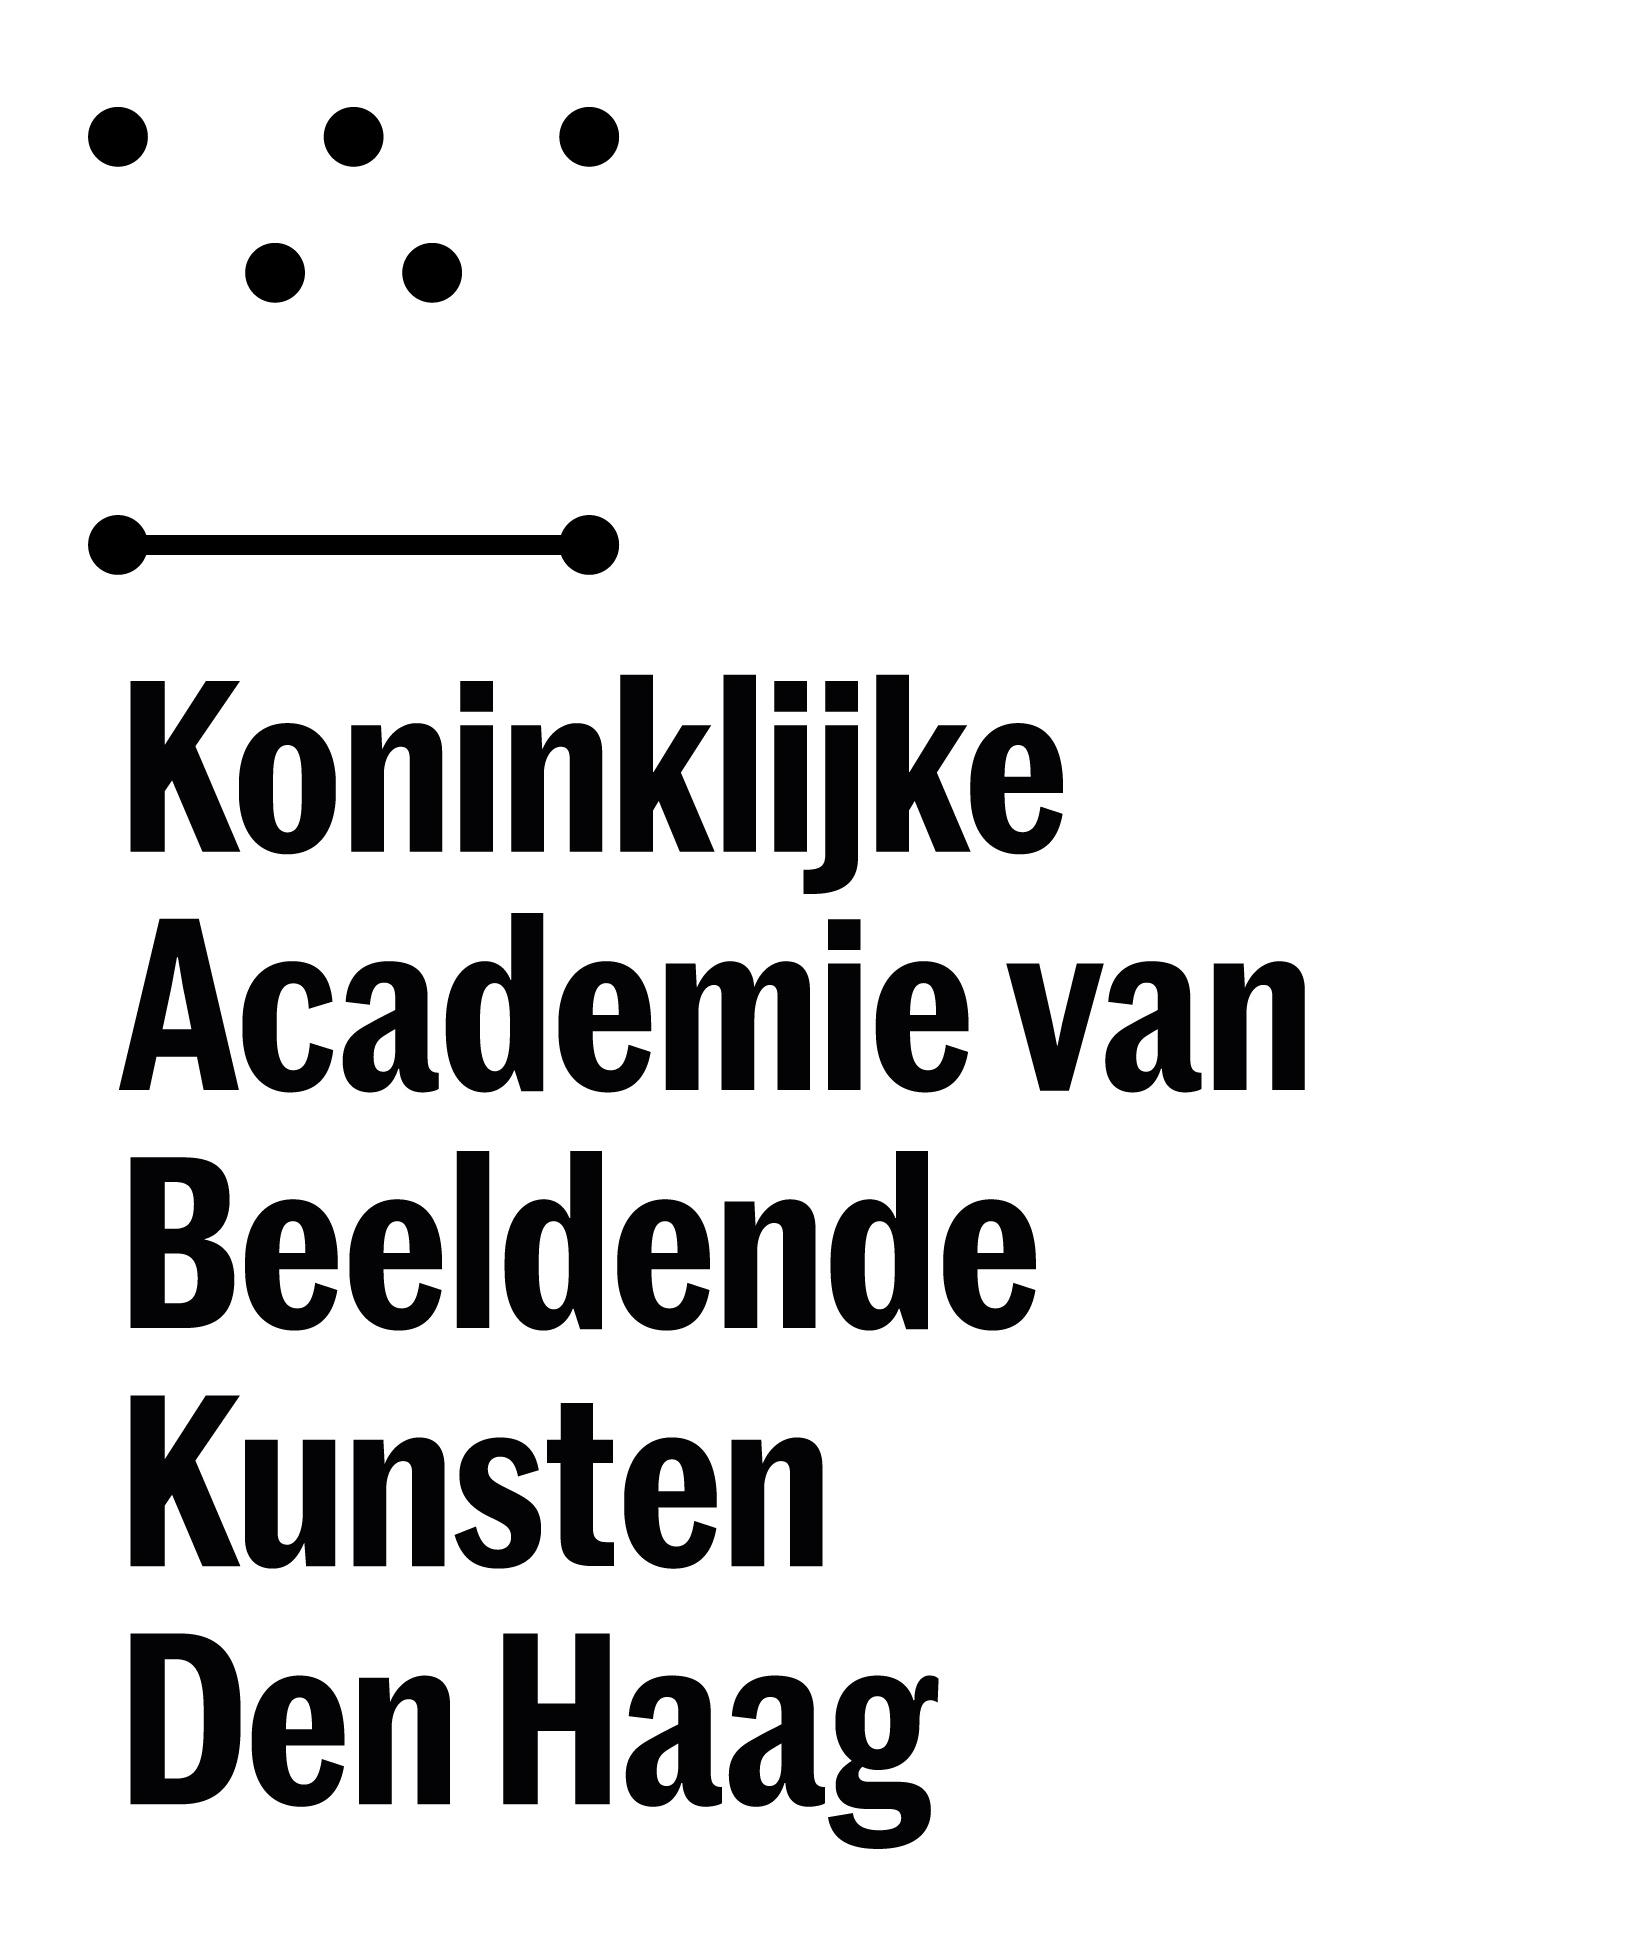 Koninklijke Academie van Beeldende Kunsten